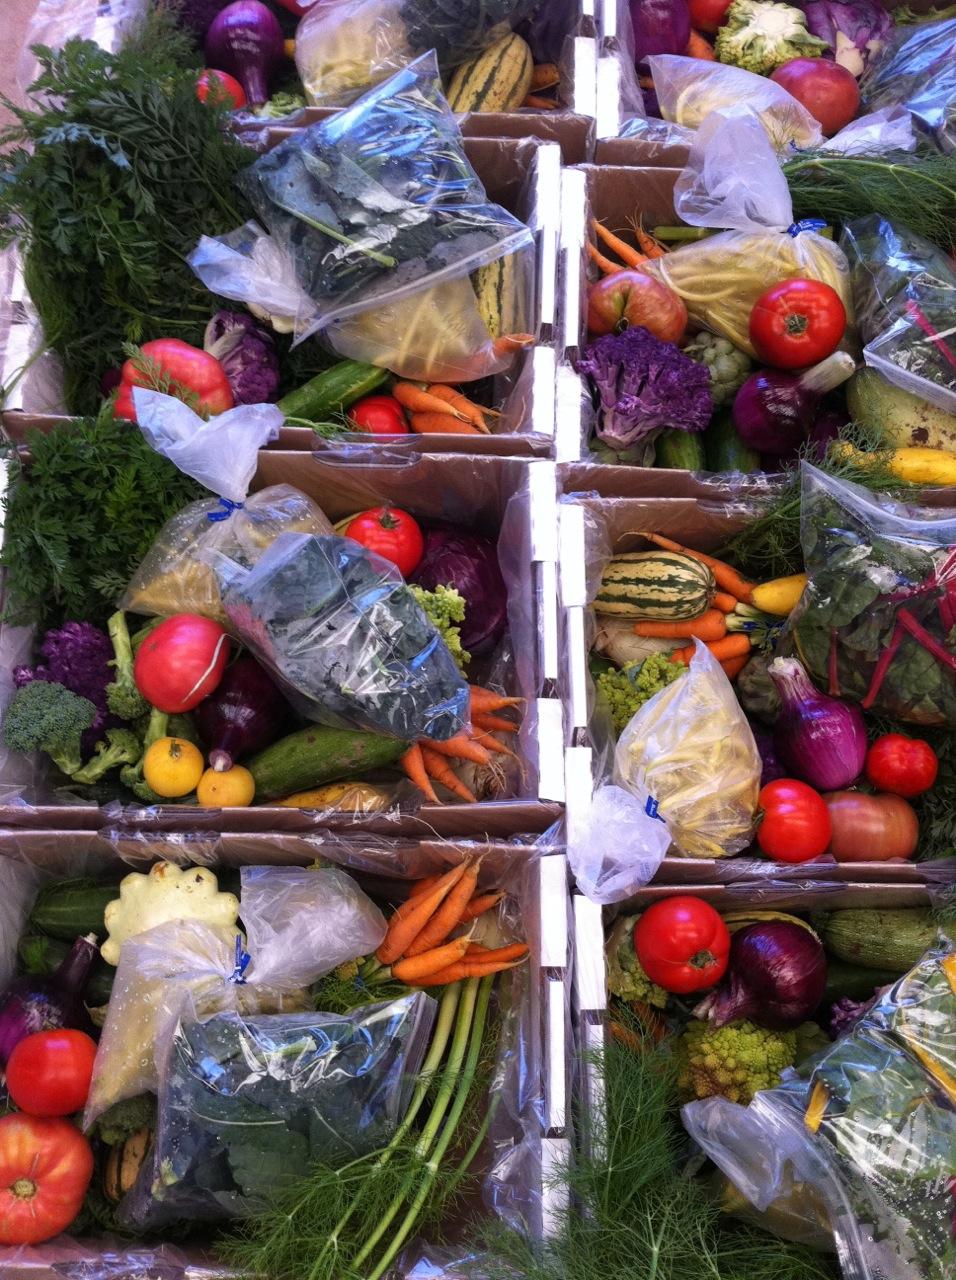 2011 CSA Newsletter, Week 12-13 – Fall Crops